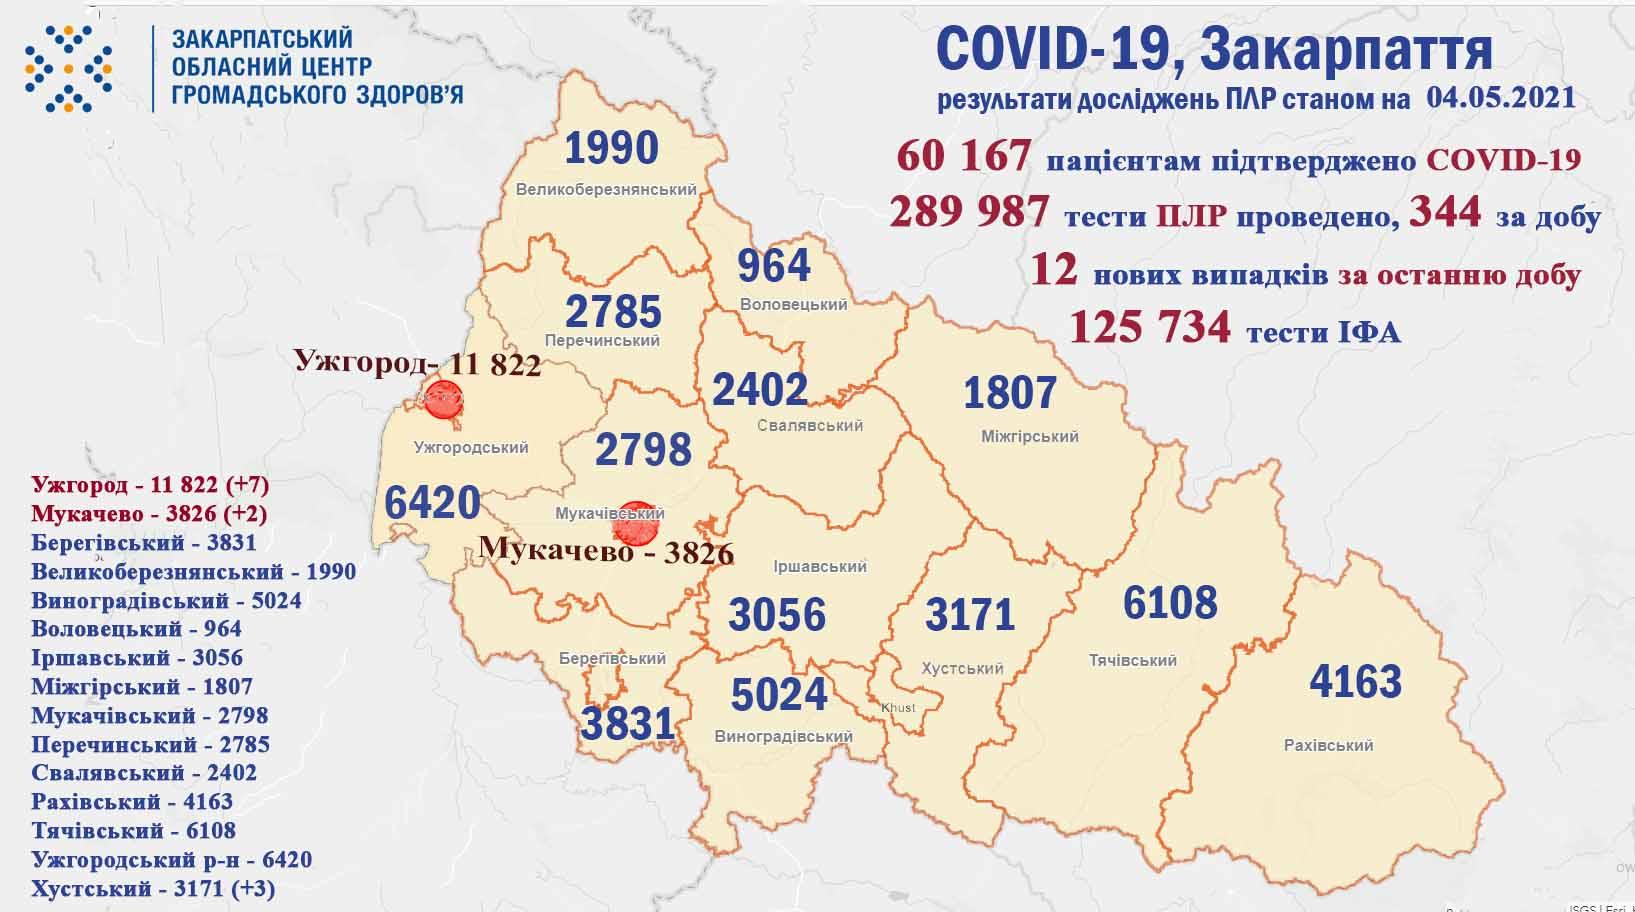 На ранок 4 травня лише у 12 закарпатців виявили COVID-19